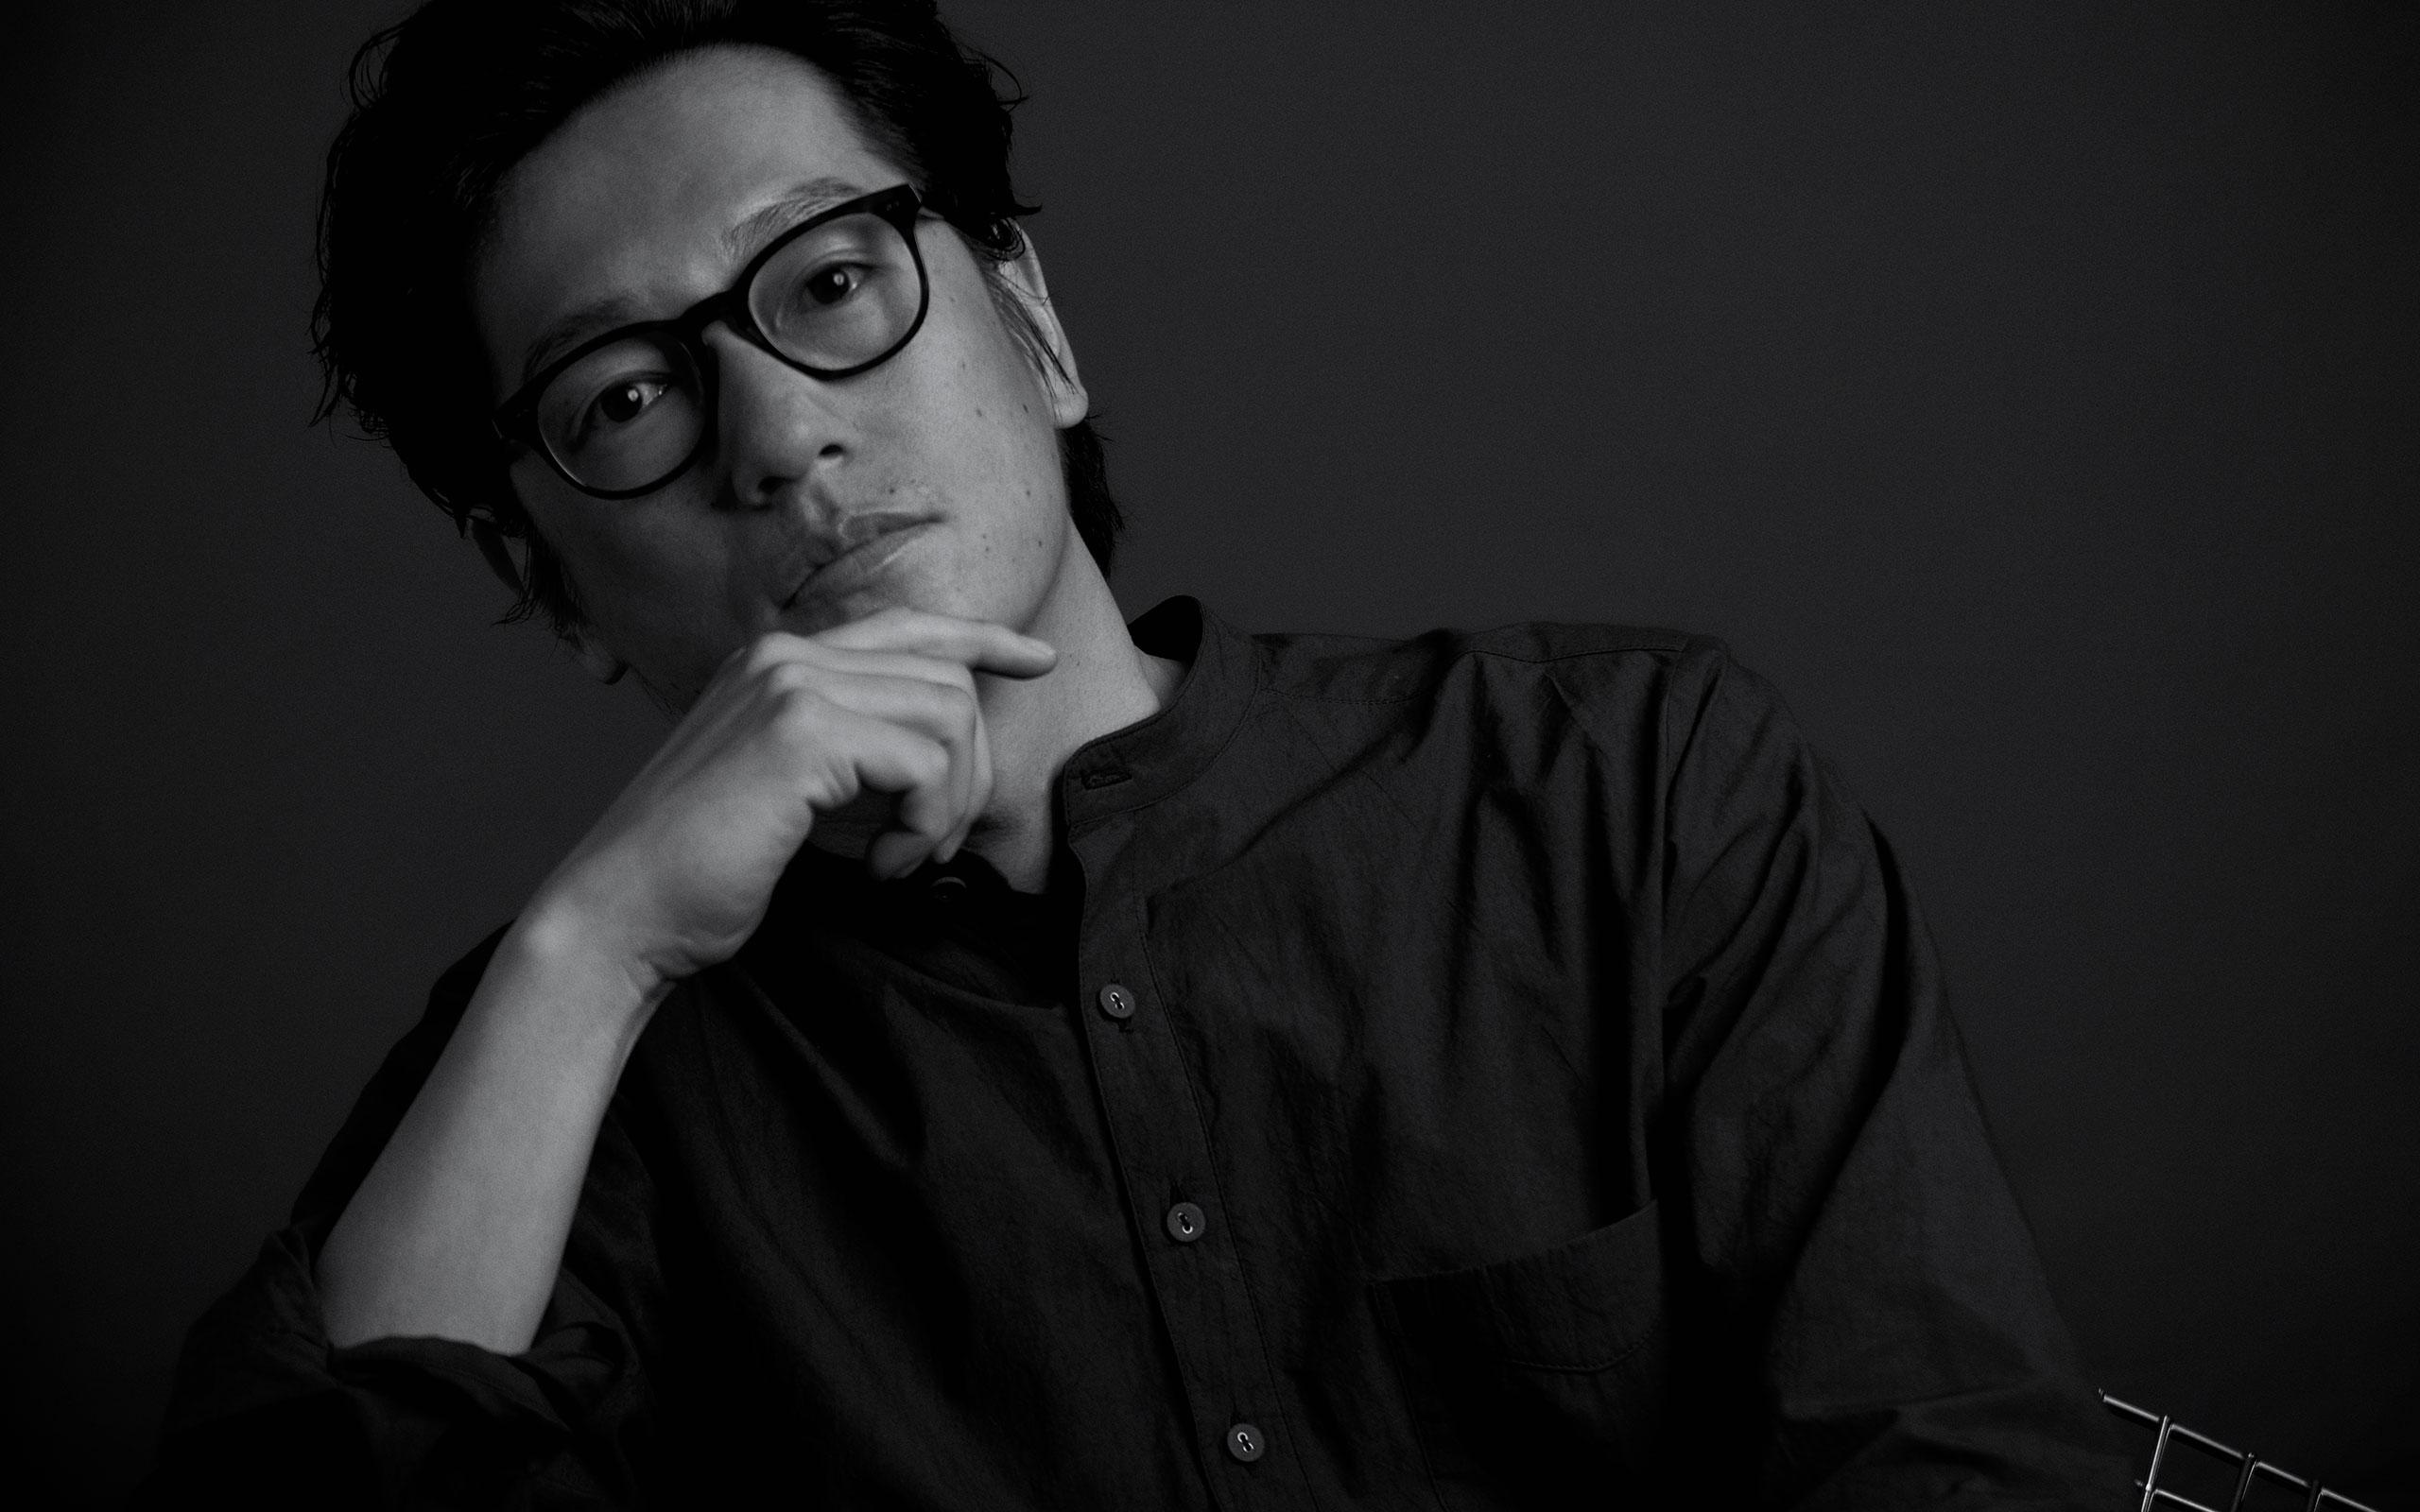 『返還交渉人』で沖縄の基地問題に「真正面から」立ち向かう外交官を演じた井浦新が、本作で果たした役割とは。